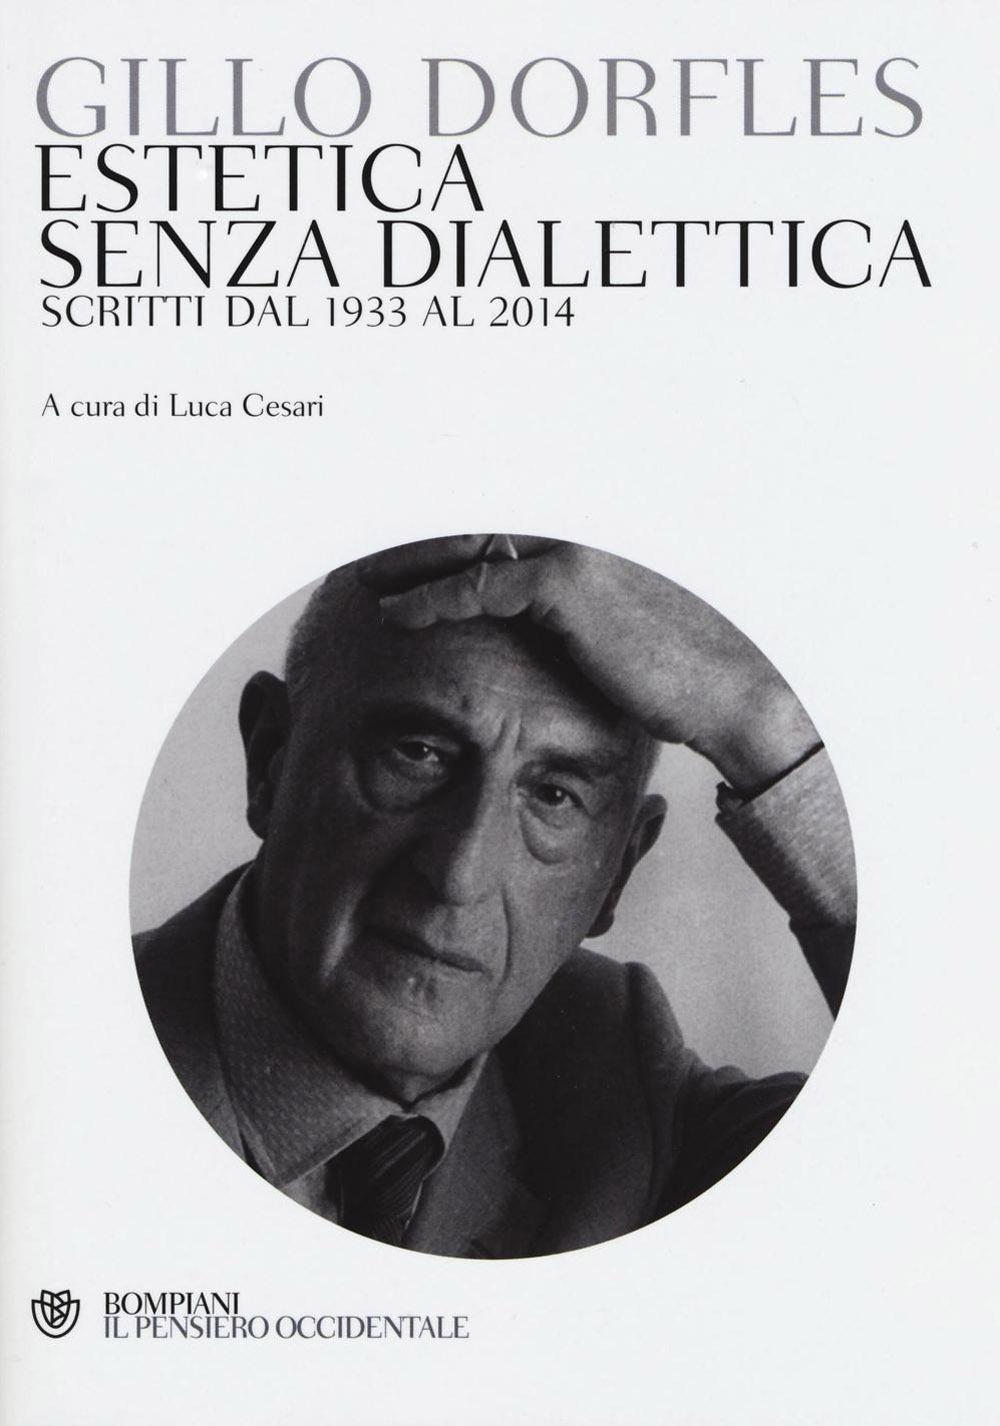 Estetica senza dialettica. Scritti dal 1933 al 2014.